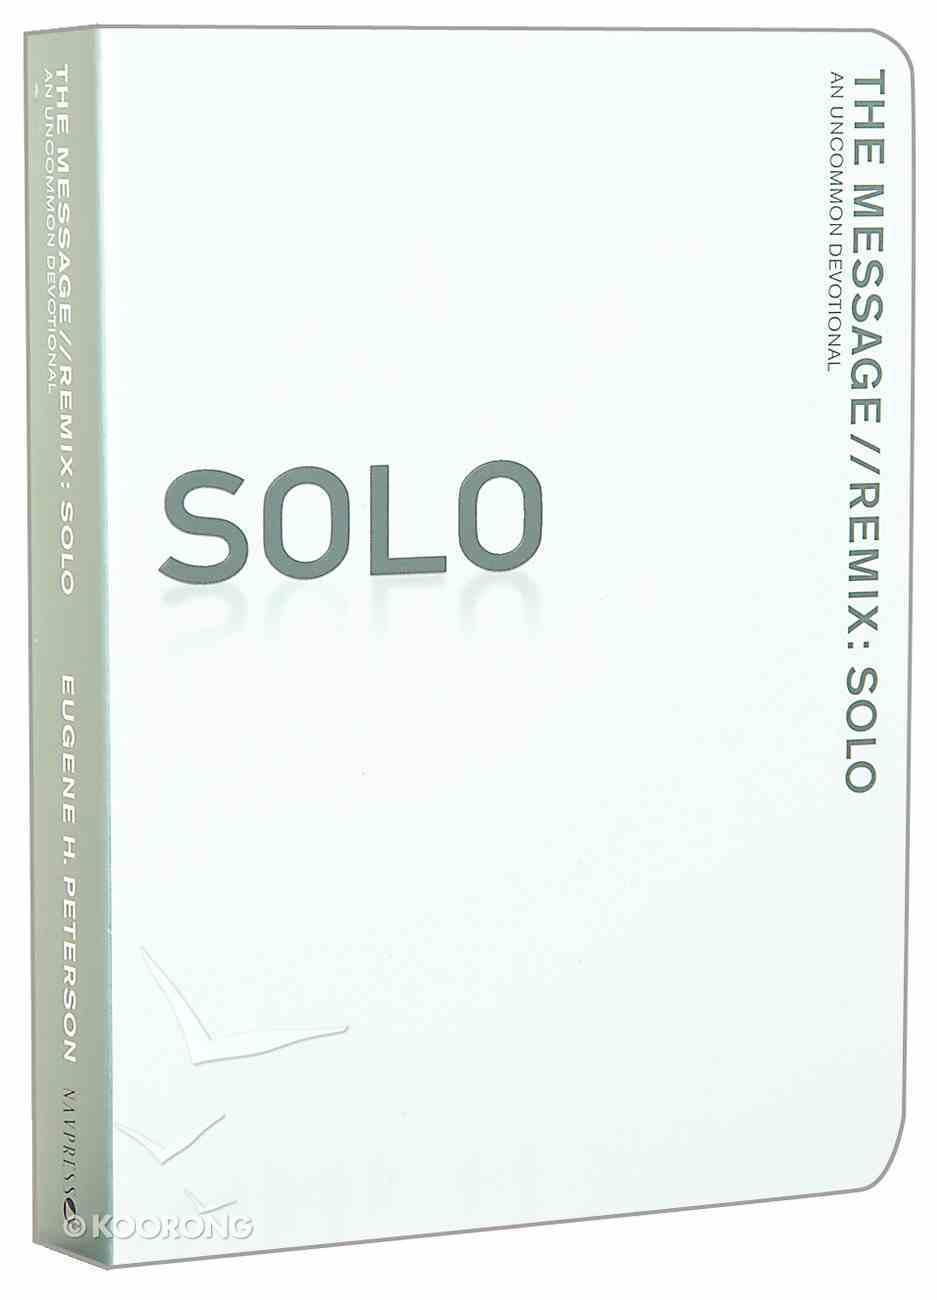 Solo Devotional (Message) Paperback